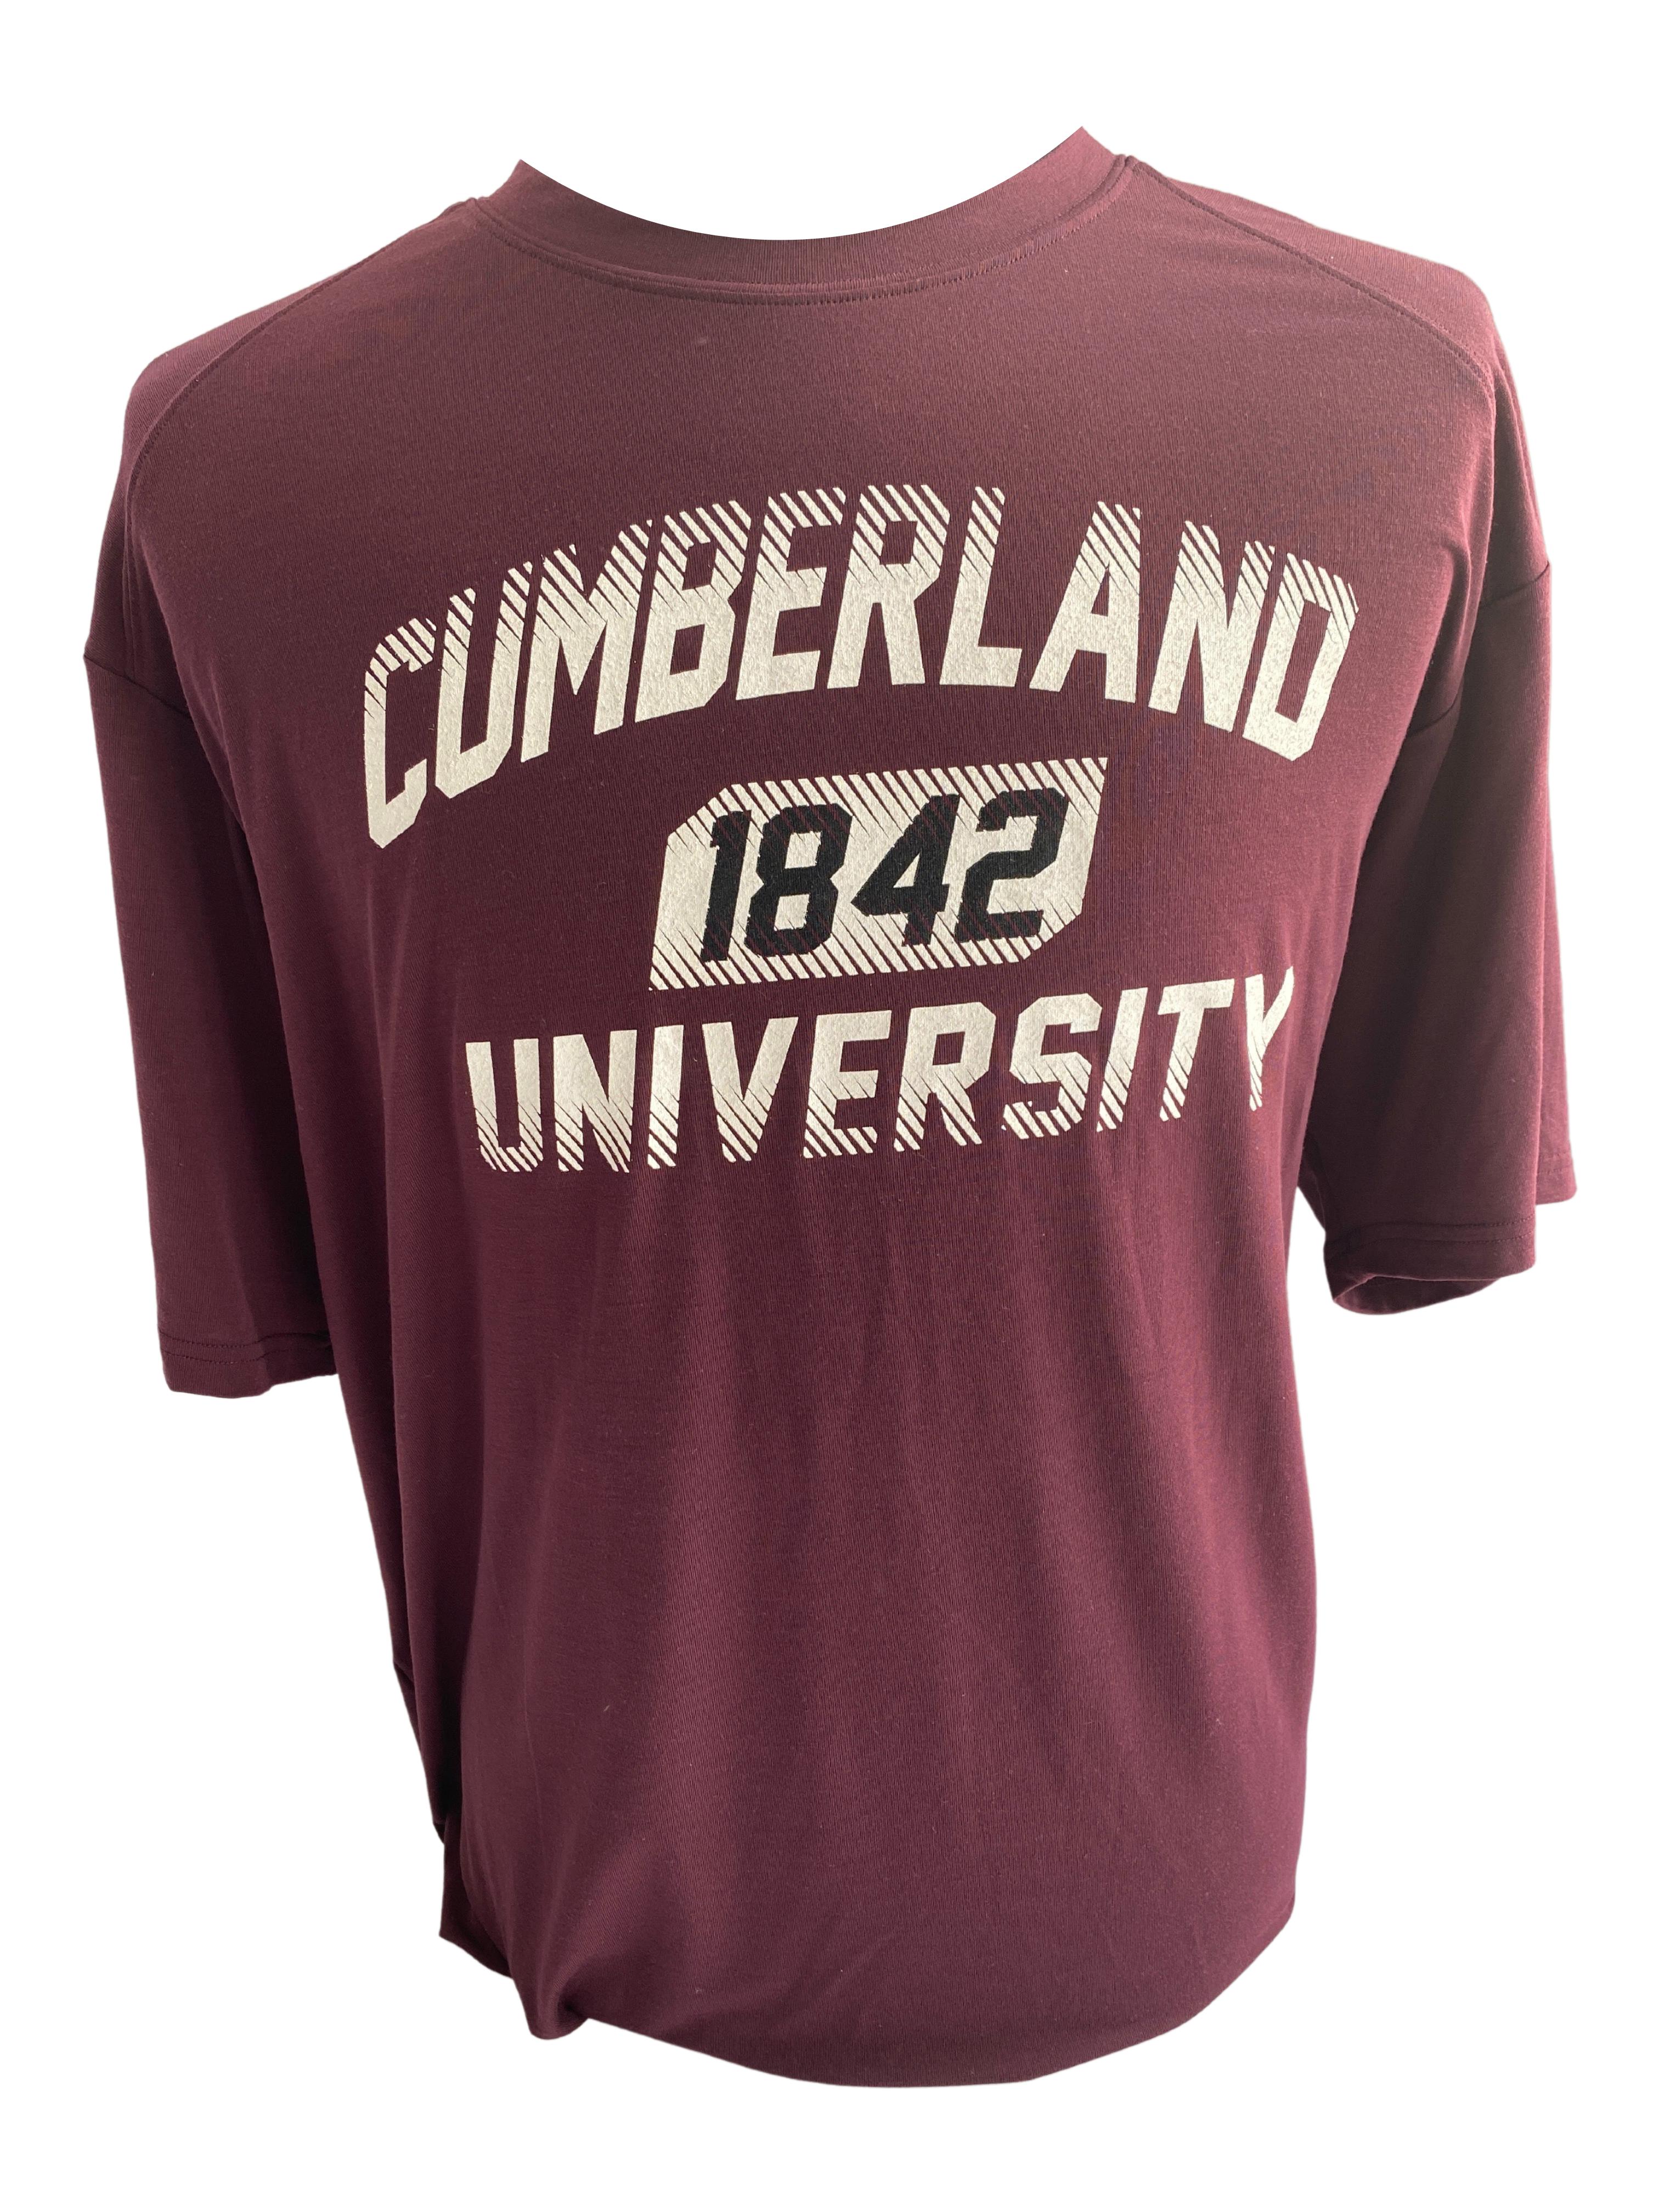 Cumberland University 1842 B-tech Shirt